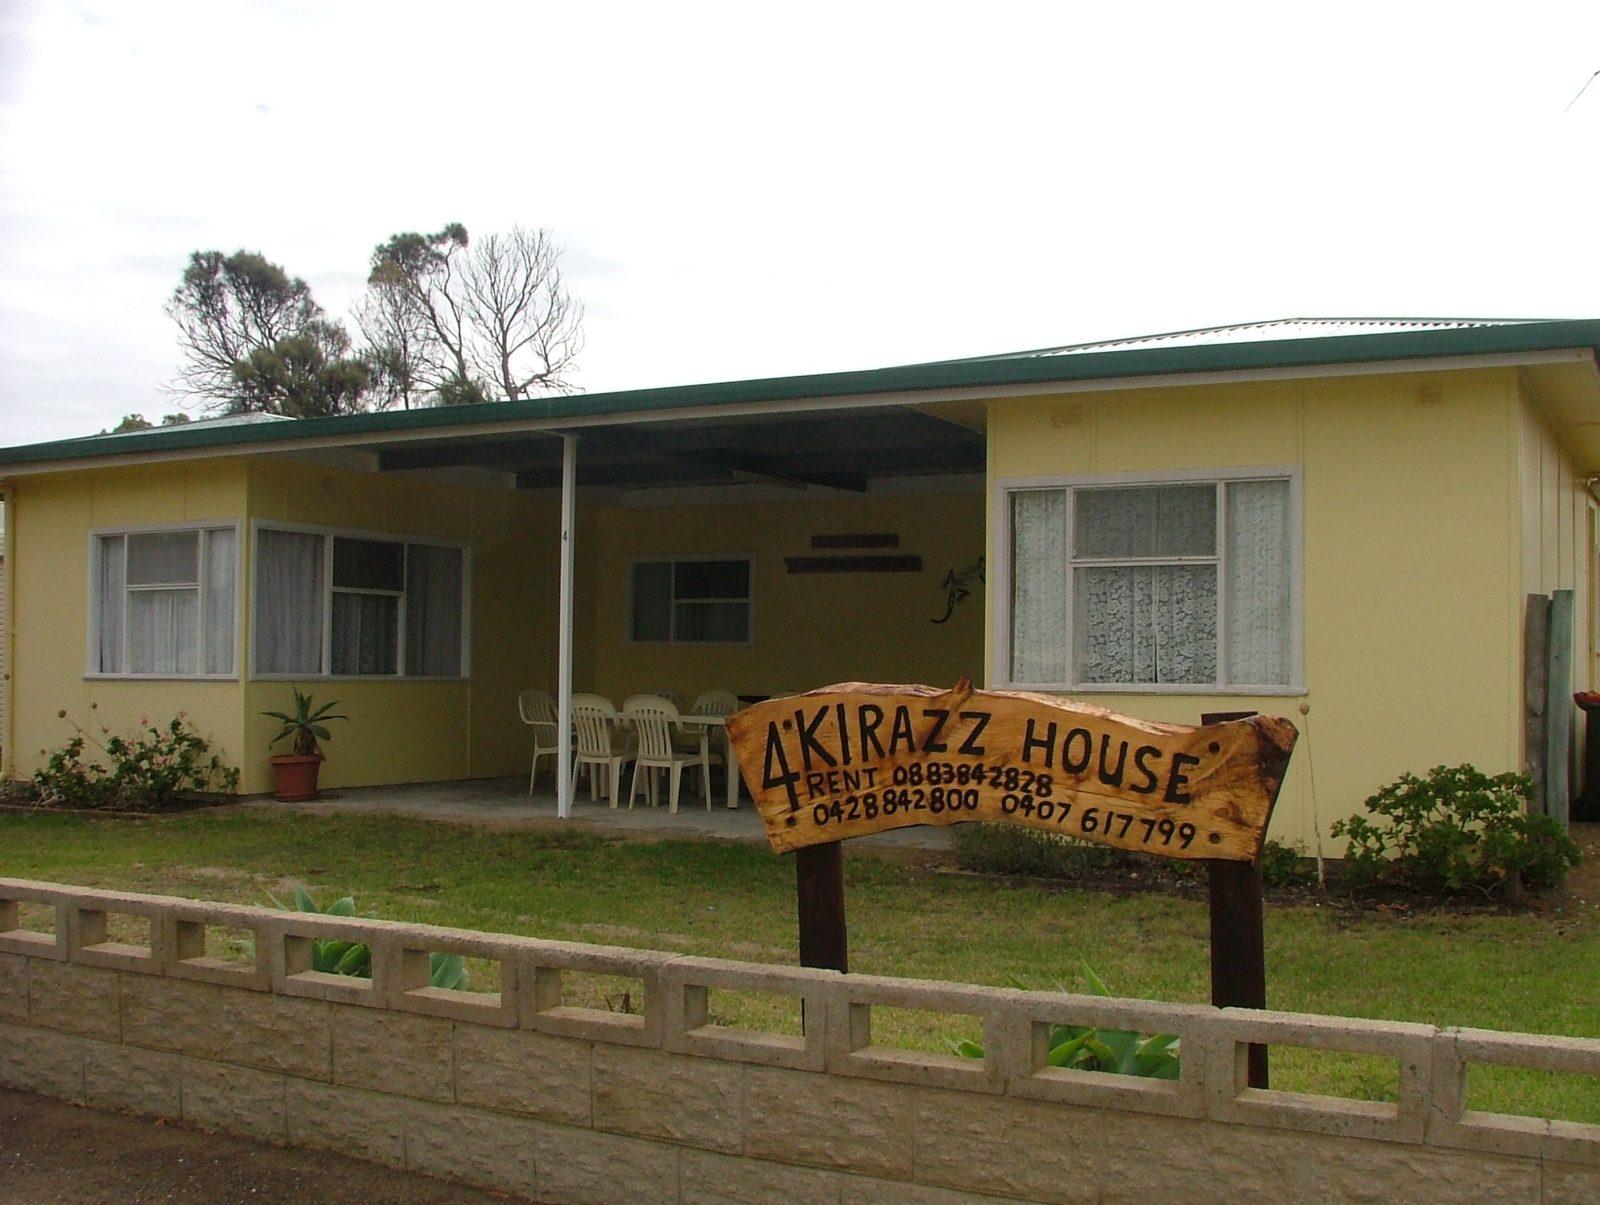 Kirazz House, Kingscote, Kangaroo Island